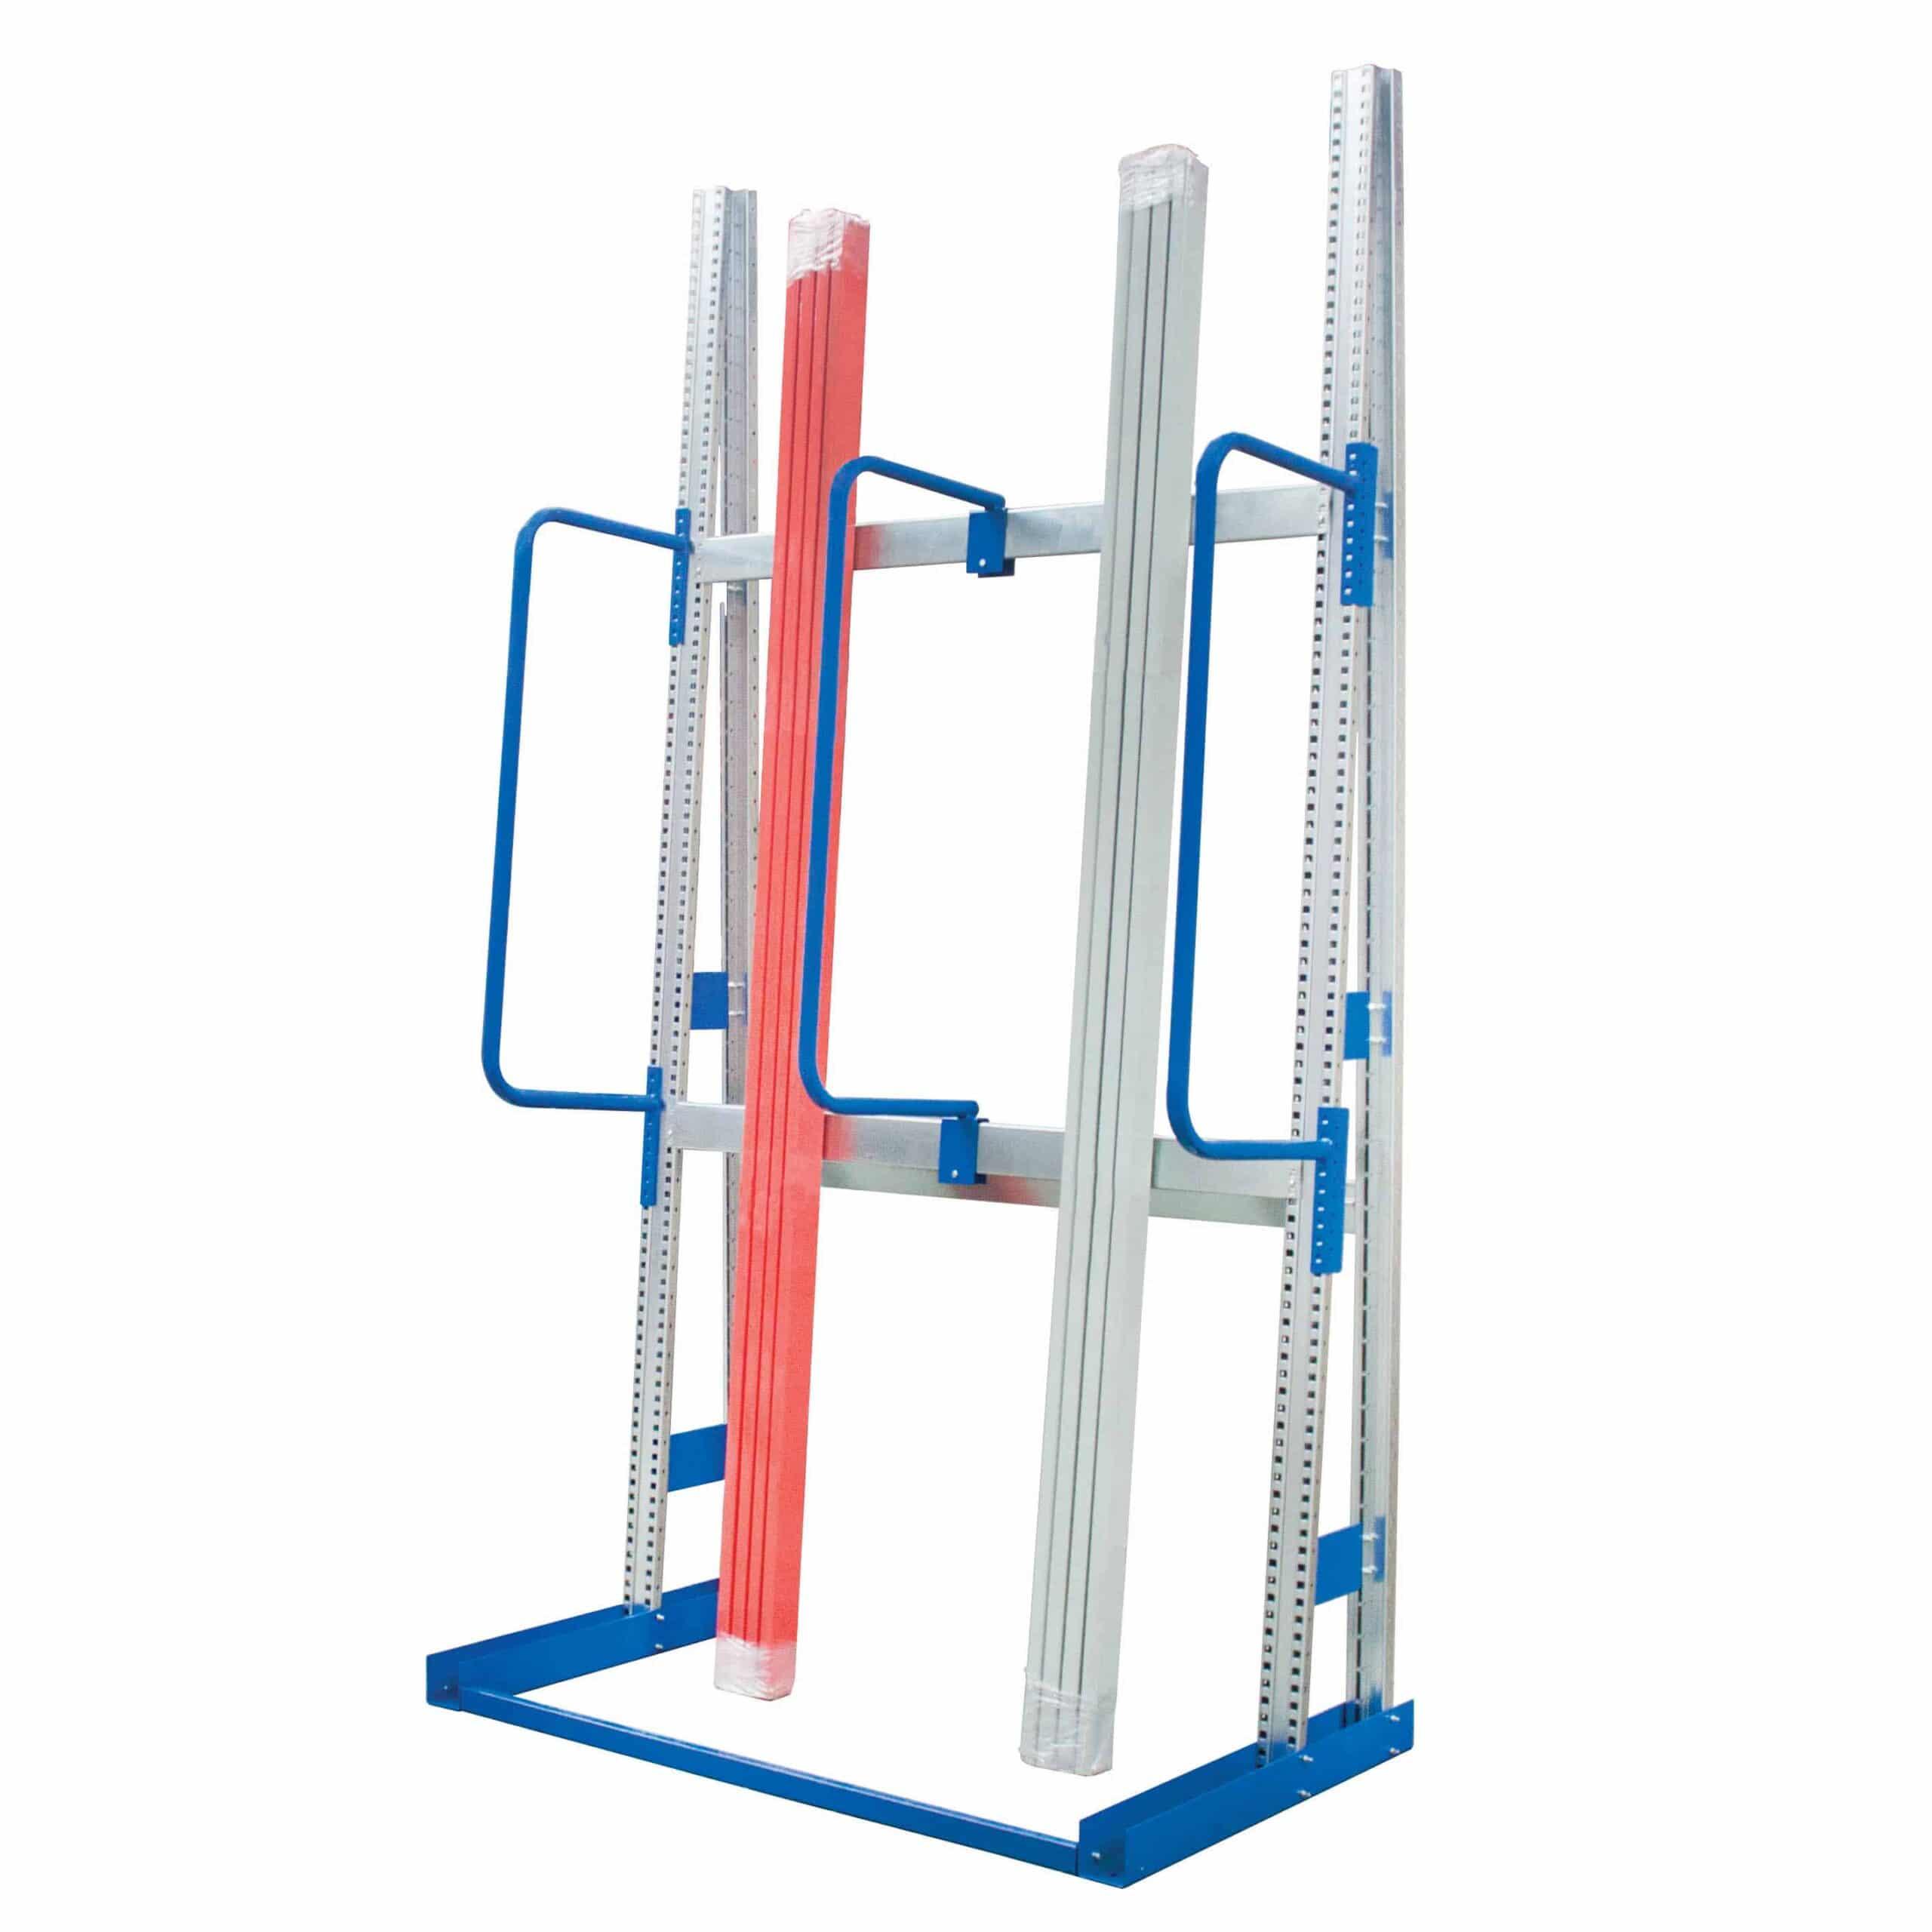 Fully Adjustable Vertical Steel Storage Racks